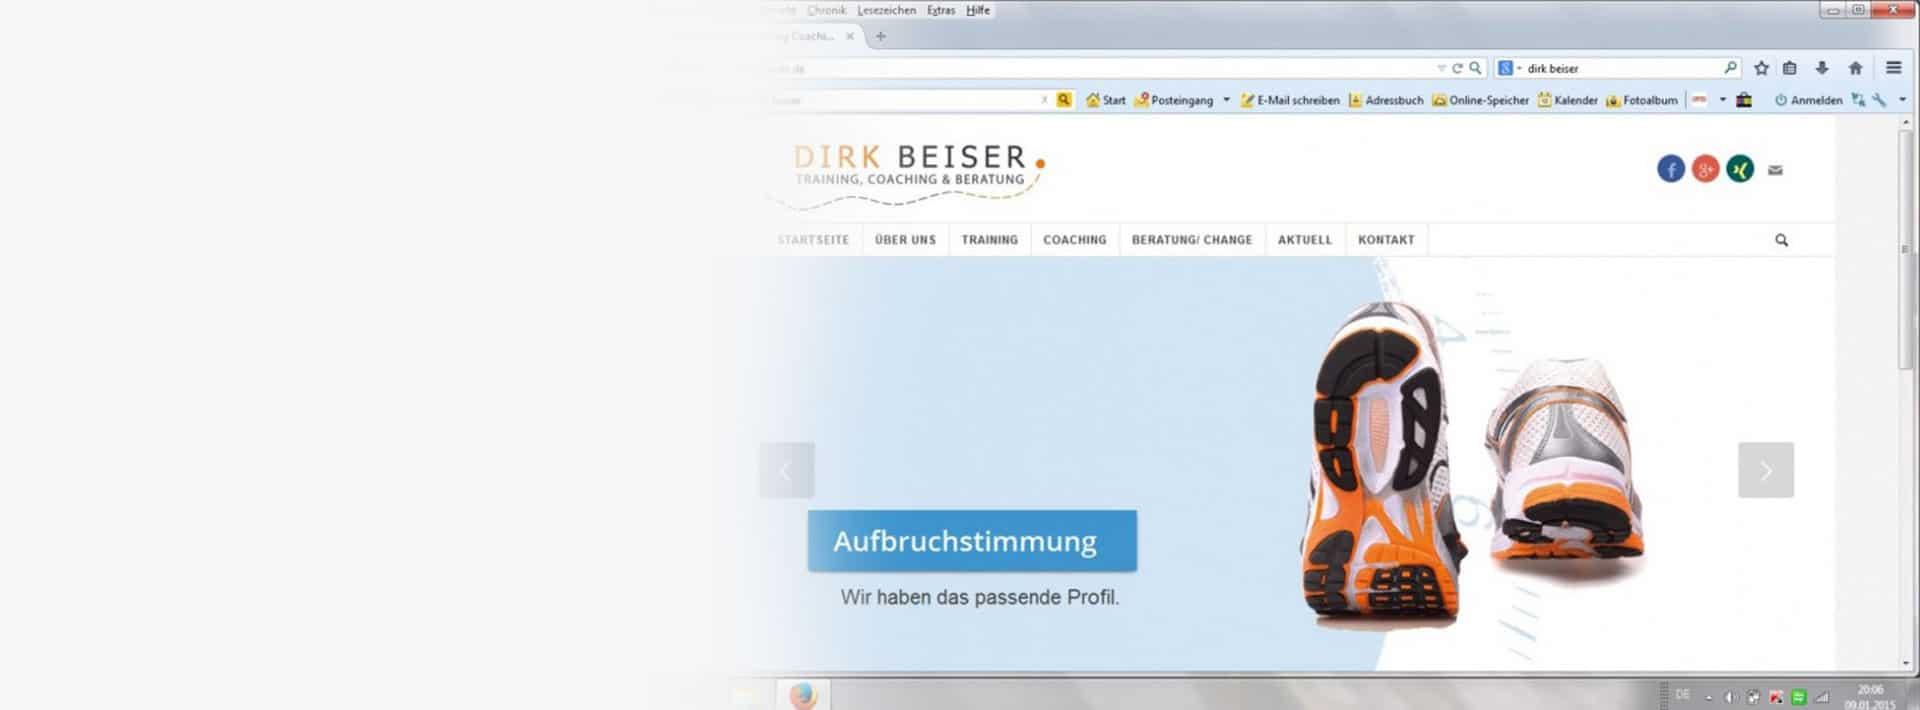 Die neue Webseite von Dirk Beiser ist online Blogbeitrag